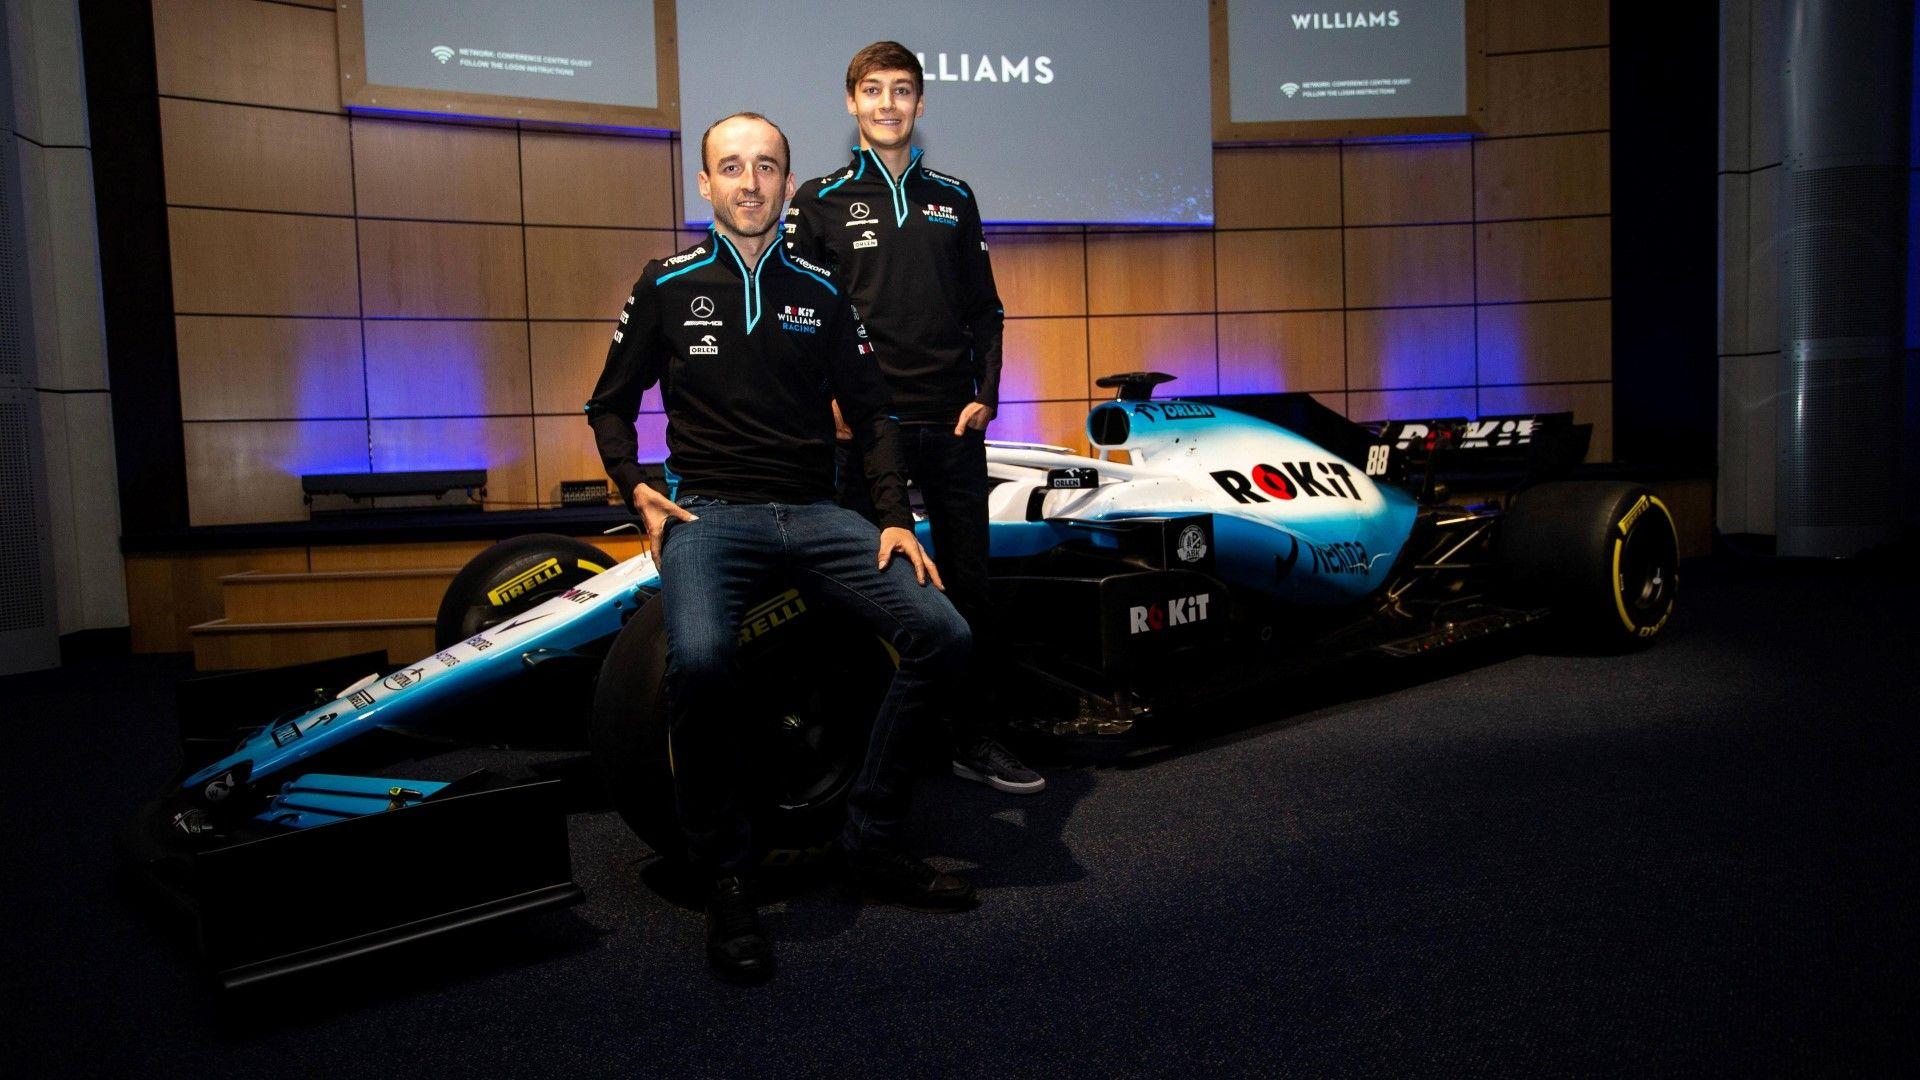 Уилямс смени спонсора, цветовете и пилотите (галерия)